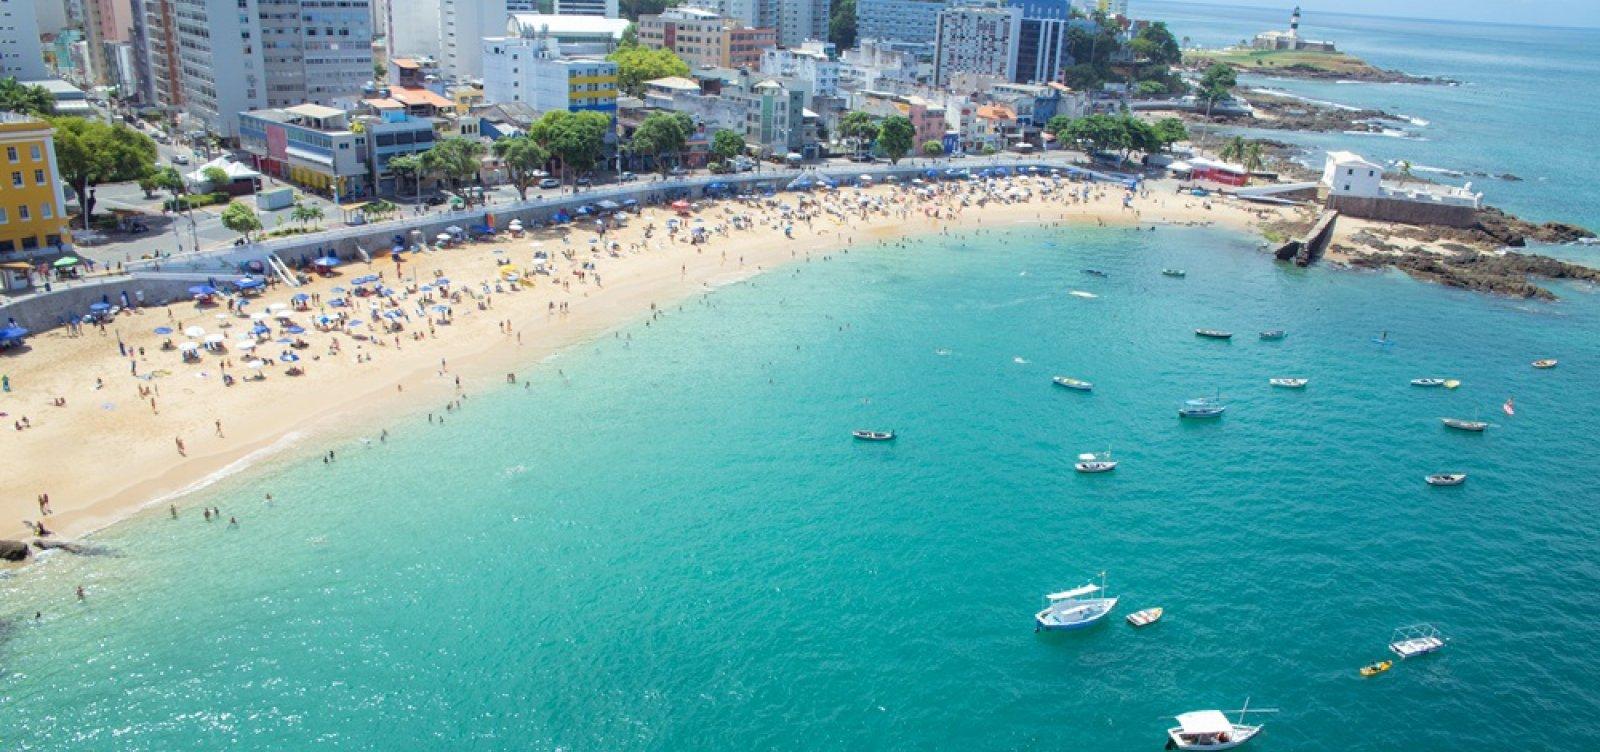 Prefeitura cria Parque Marinho da Barra amanhã